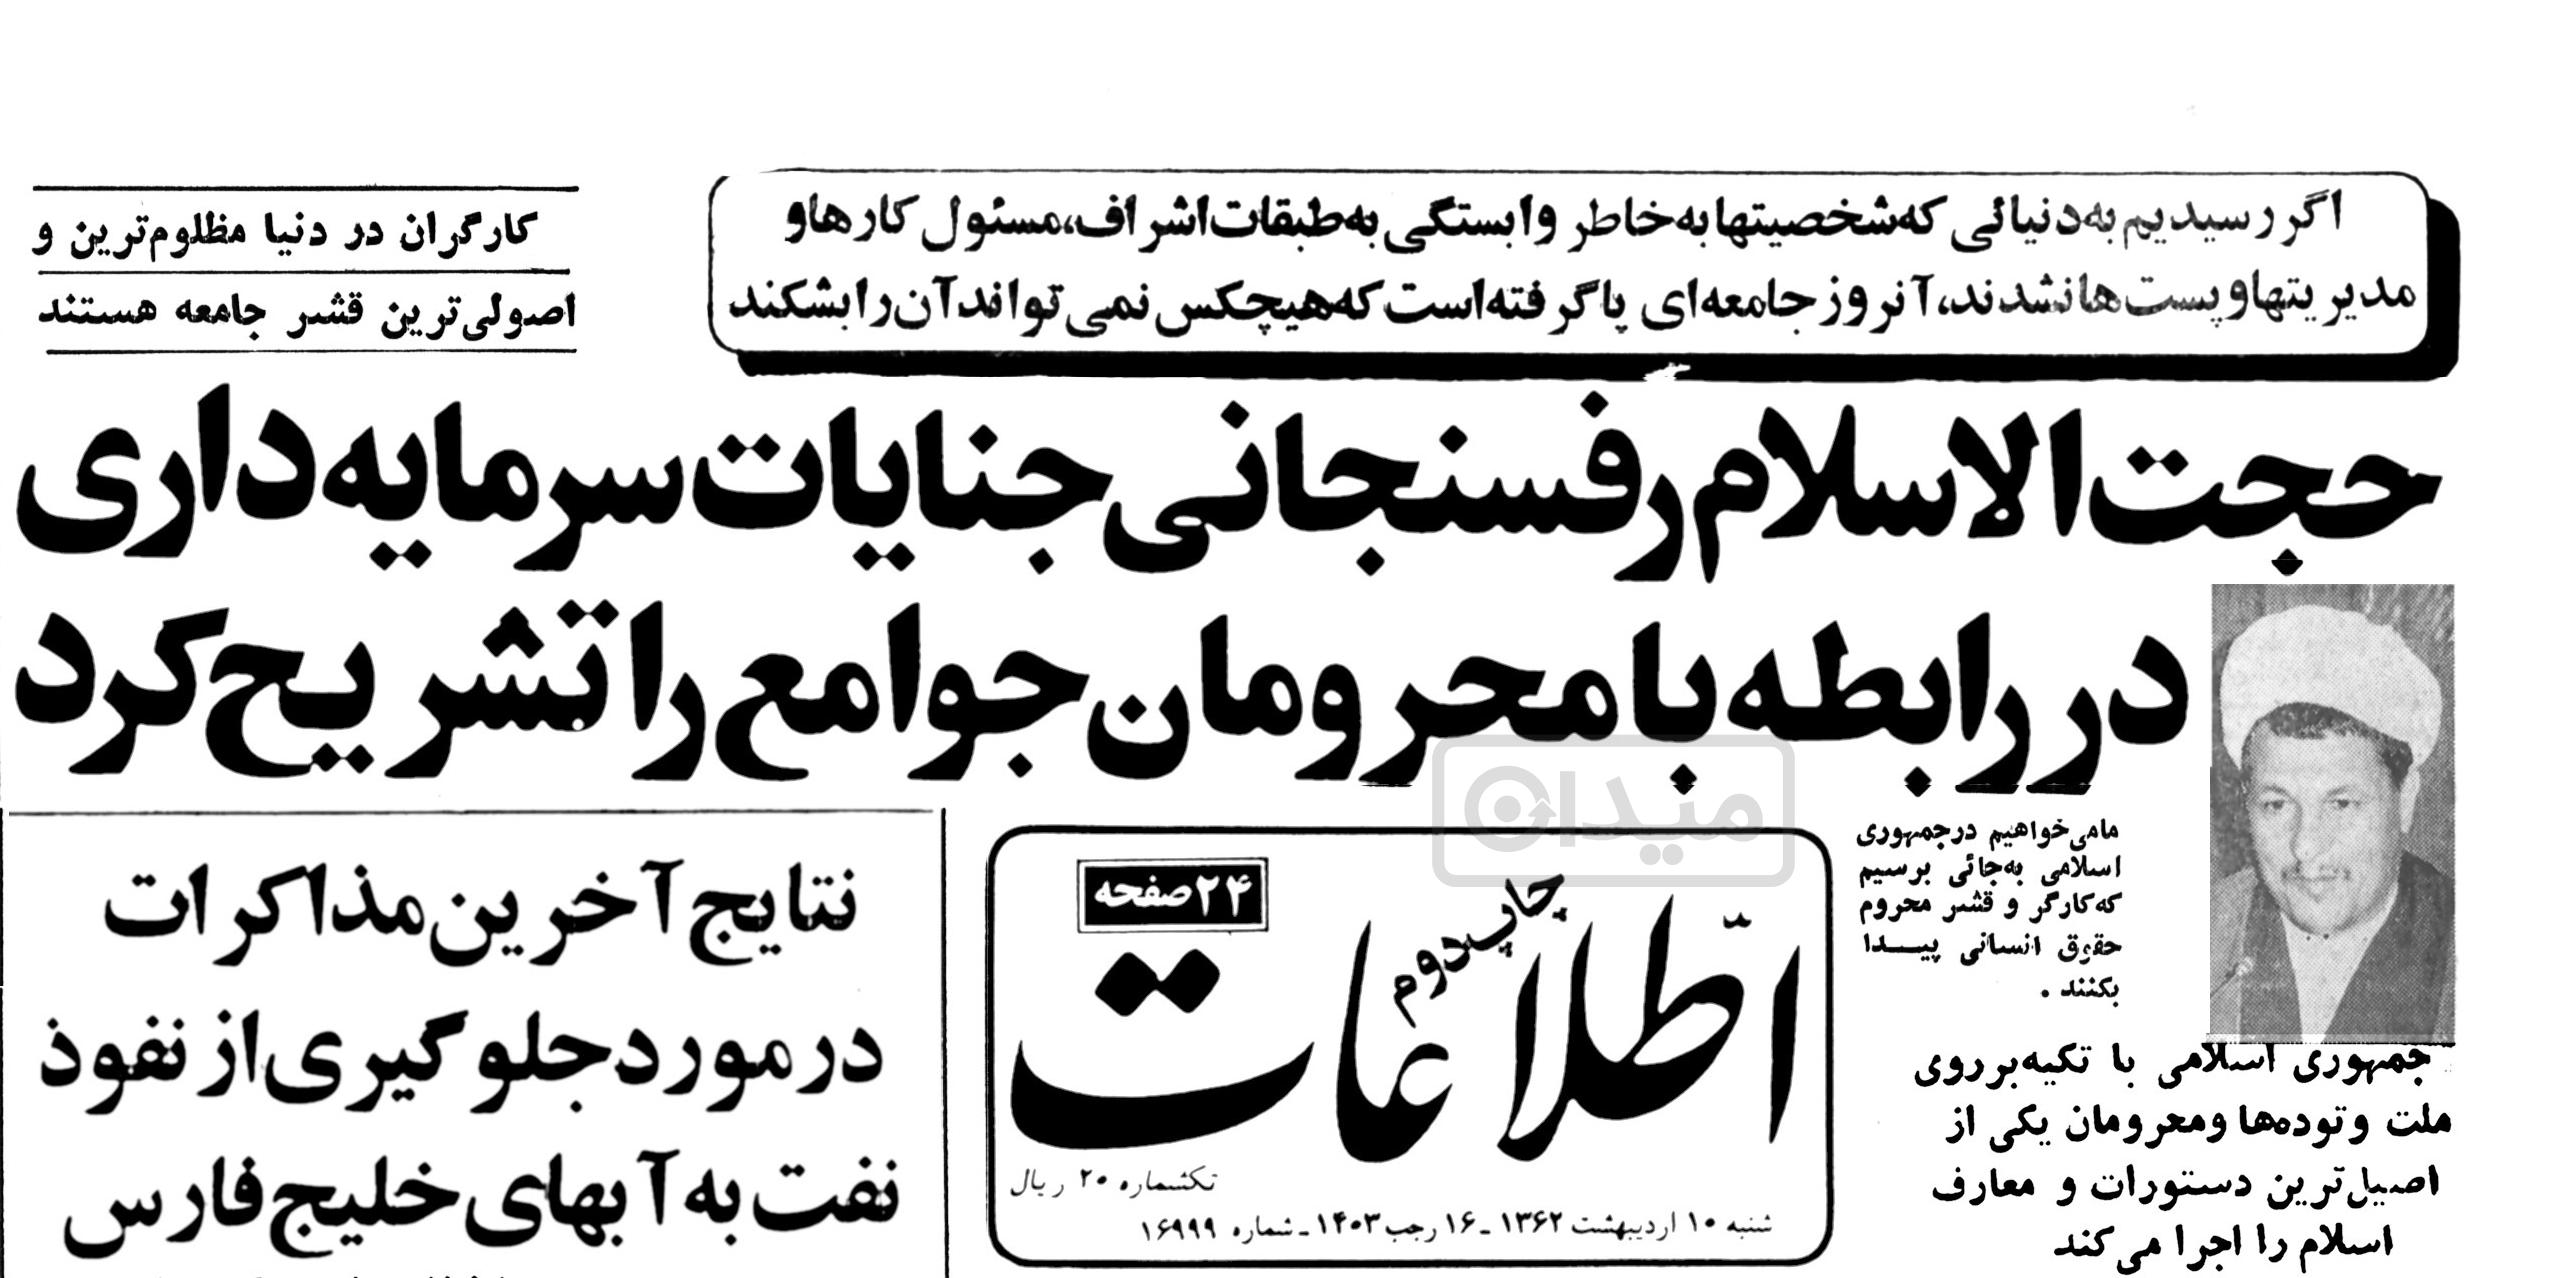 اردیبهشت ۶۲:سخنان رفسنجانی درباره ظلمهای سرمایهداری به محرومان